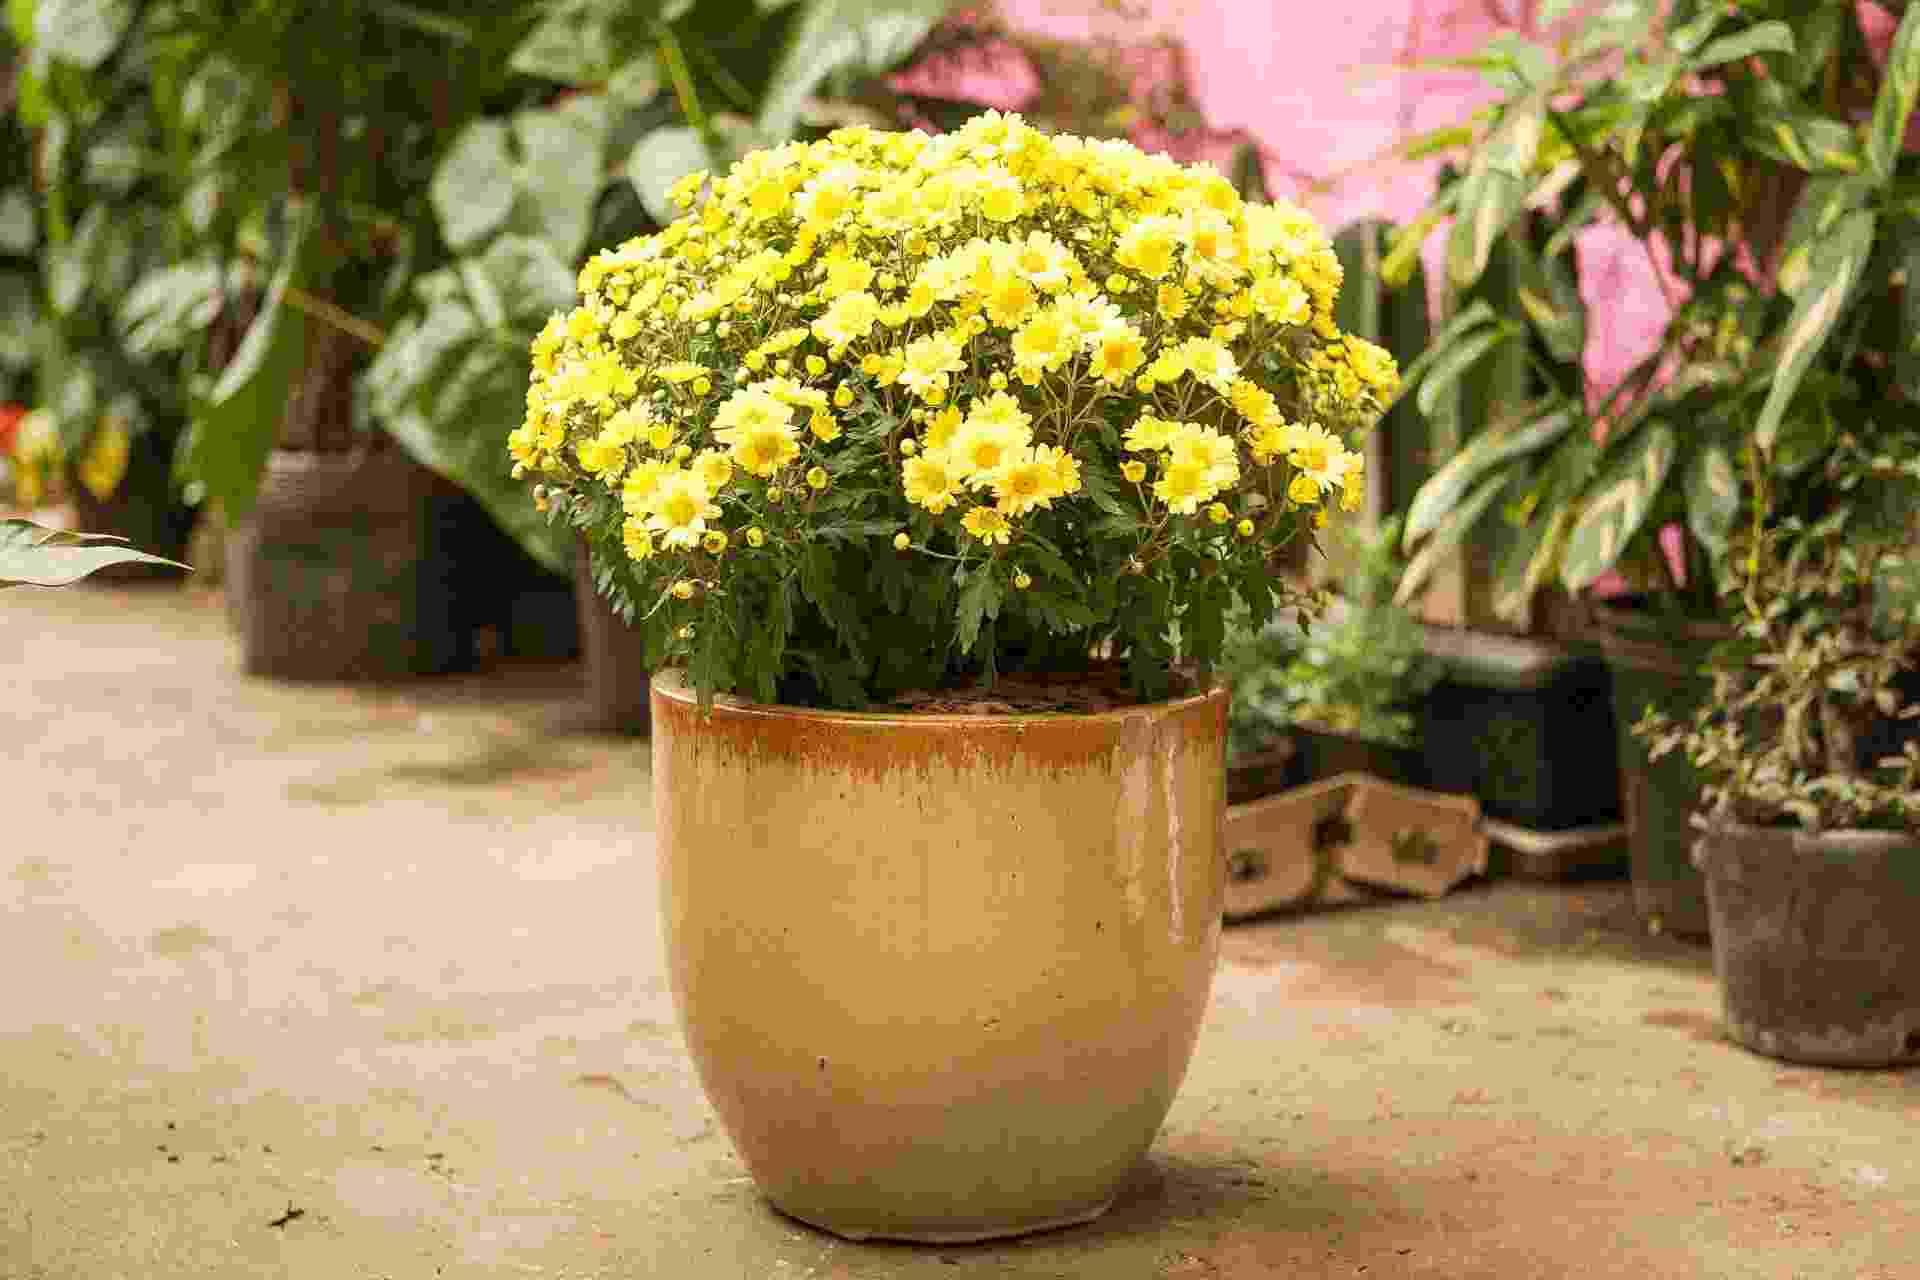 A manutenção da planta é bem simples: rega um dia sim, um dia não com um litro de água. Só ague a terra para que as flores fiquem frescas por mais tempo. Ao murcharem, arranque-as. Isso auxiliará na florada seguinte. Faça adubação com uma colher de sopa de NPK (10_10_10), uma vez ao mês, e as suas margaridas ficarão sempre fortes  CRÉDITOS: Silvana Maria Rosso (reportagem visual e texto)/ Garden Show (execução, plantas e ambientação - www.gardenshow.com.br) - Rodrigo Capote/ UOL